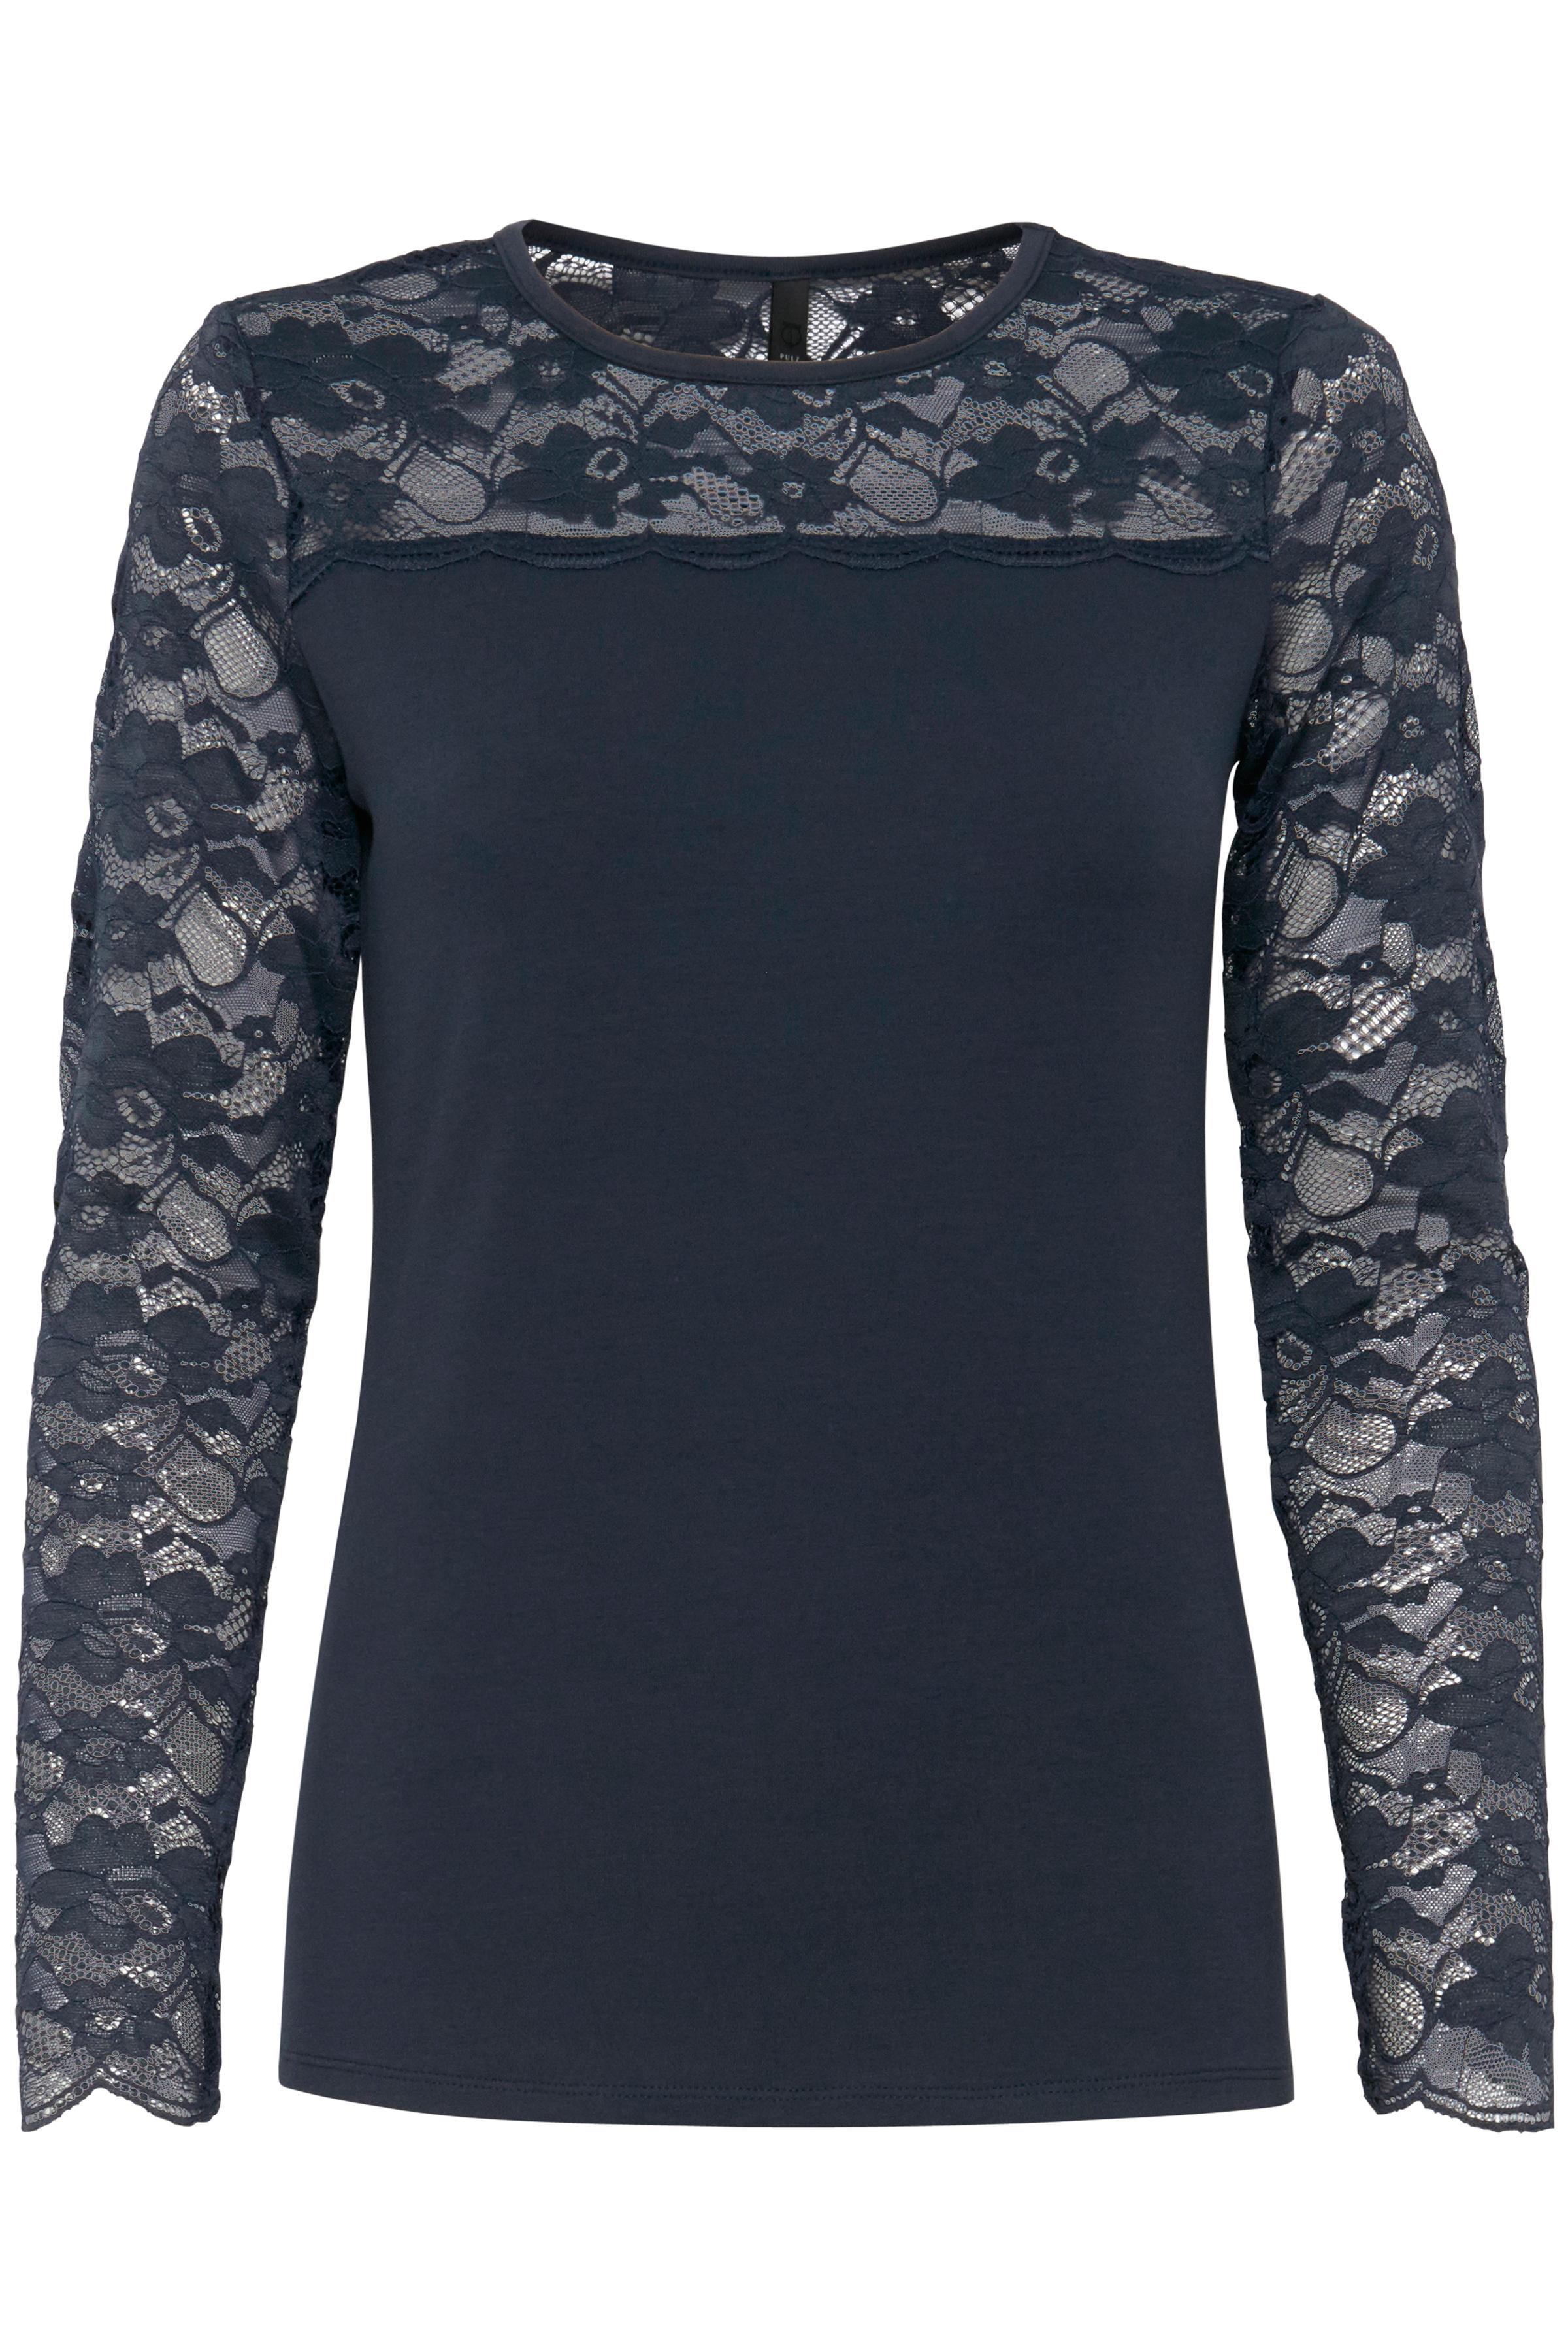 Marineblå Langærmet bluse fra Pulz Jeans – Køb Marineblå Langærmet bluse fra str. XS-XXL her